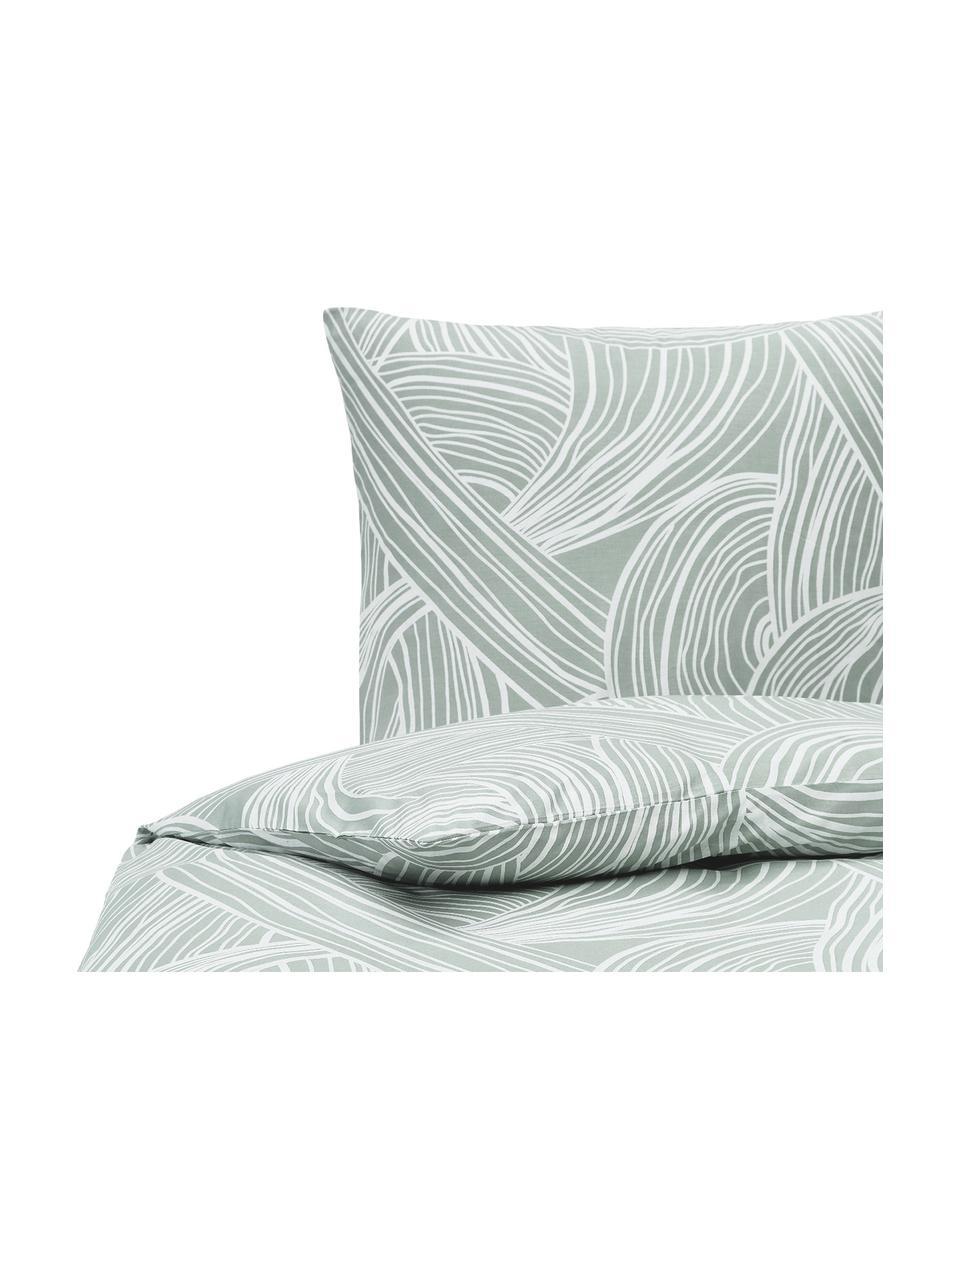 Pościel z bawełny Korey, Zielony, biały, 135 x 200 cm + 1 poduszka 80 x 80 cm